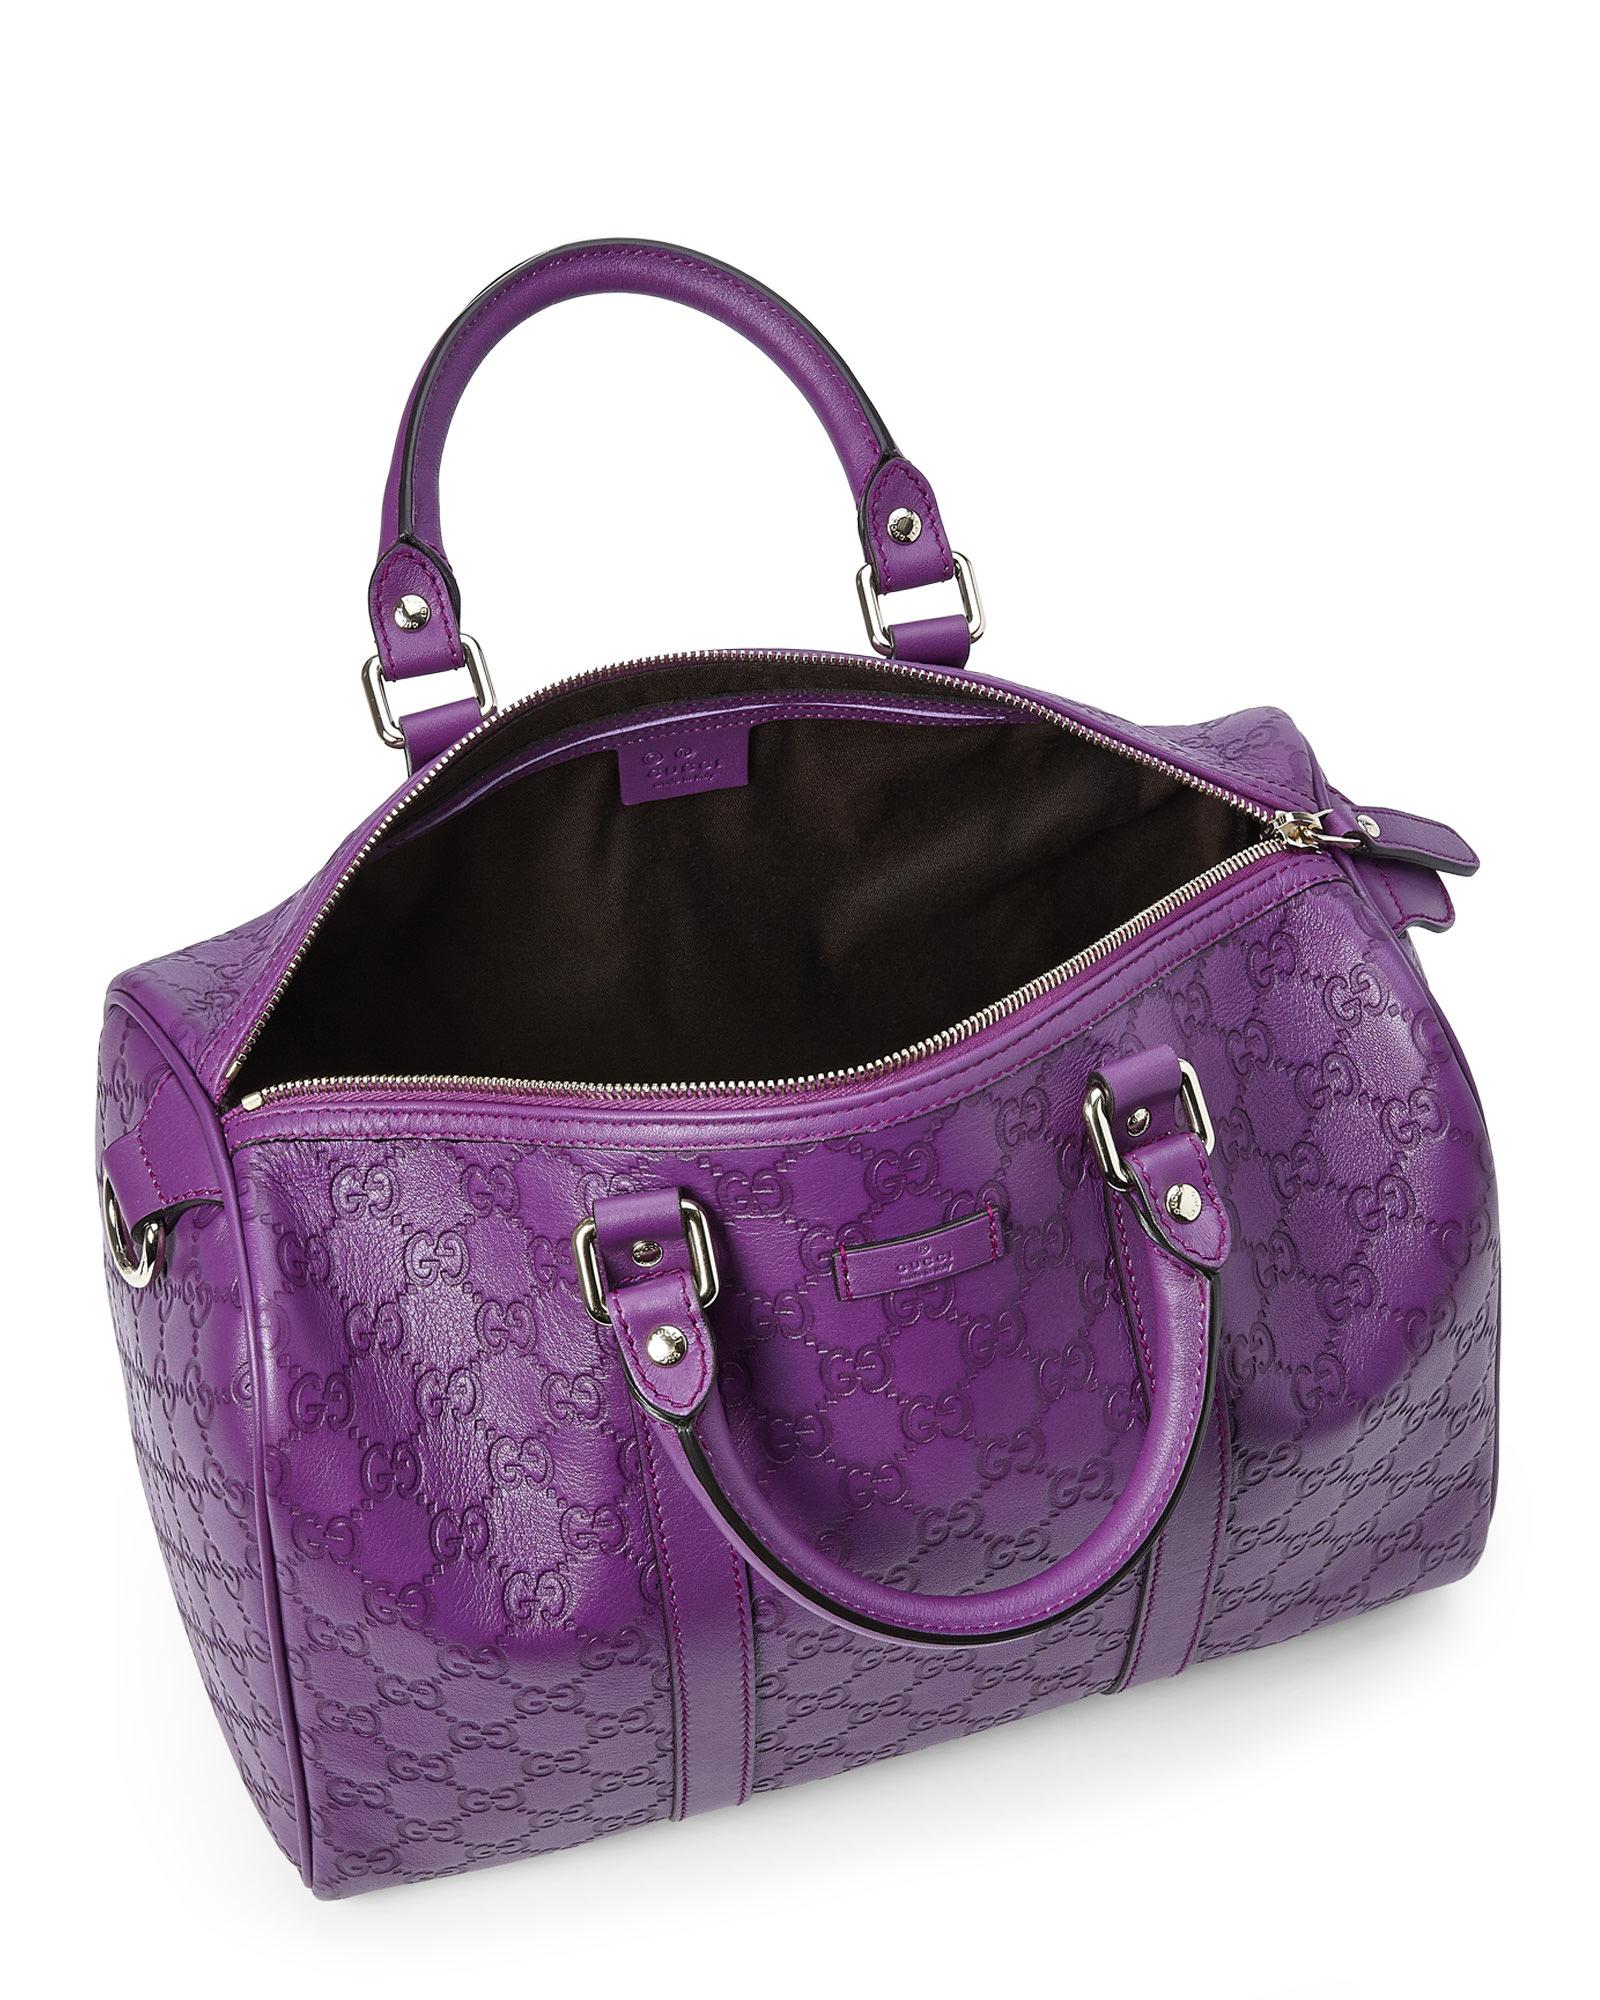 70c2307a4176 Lyst - Gucci Purple Ssima Boston Bag in Purple